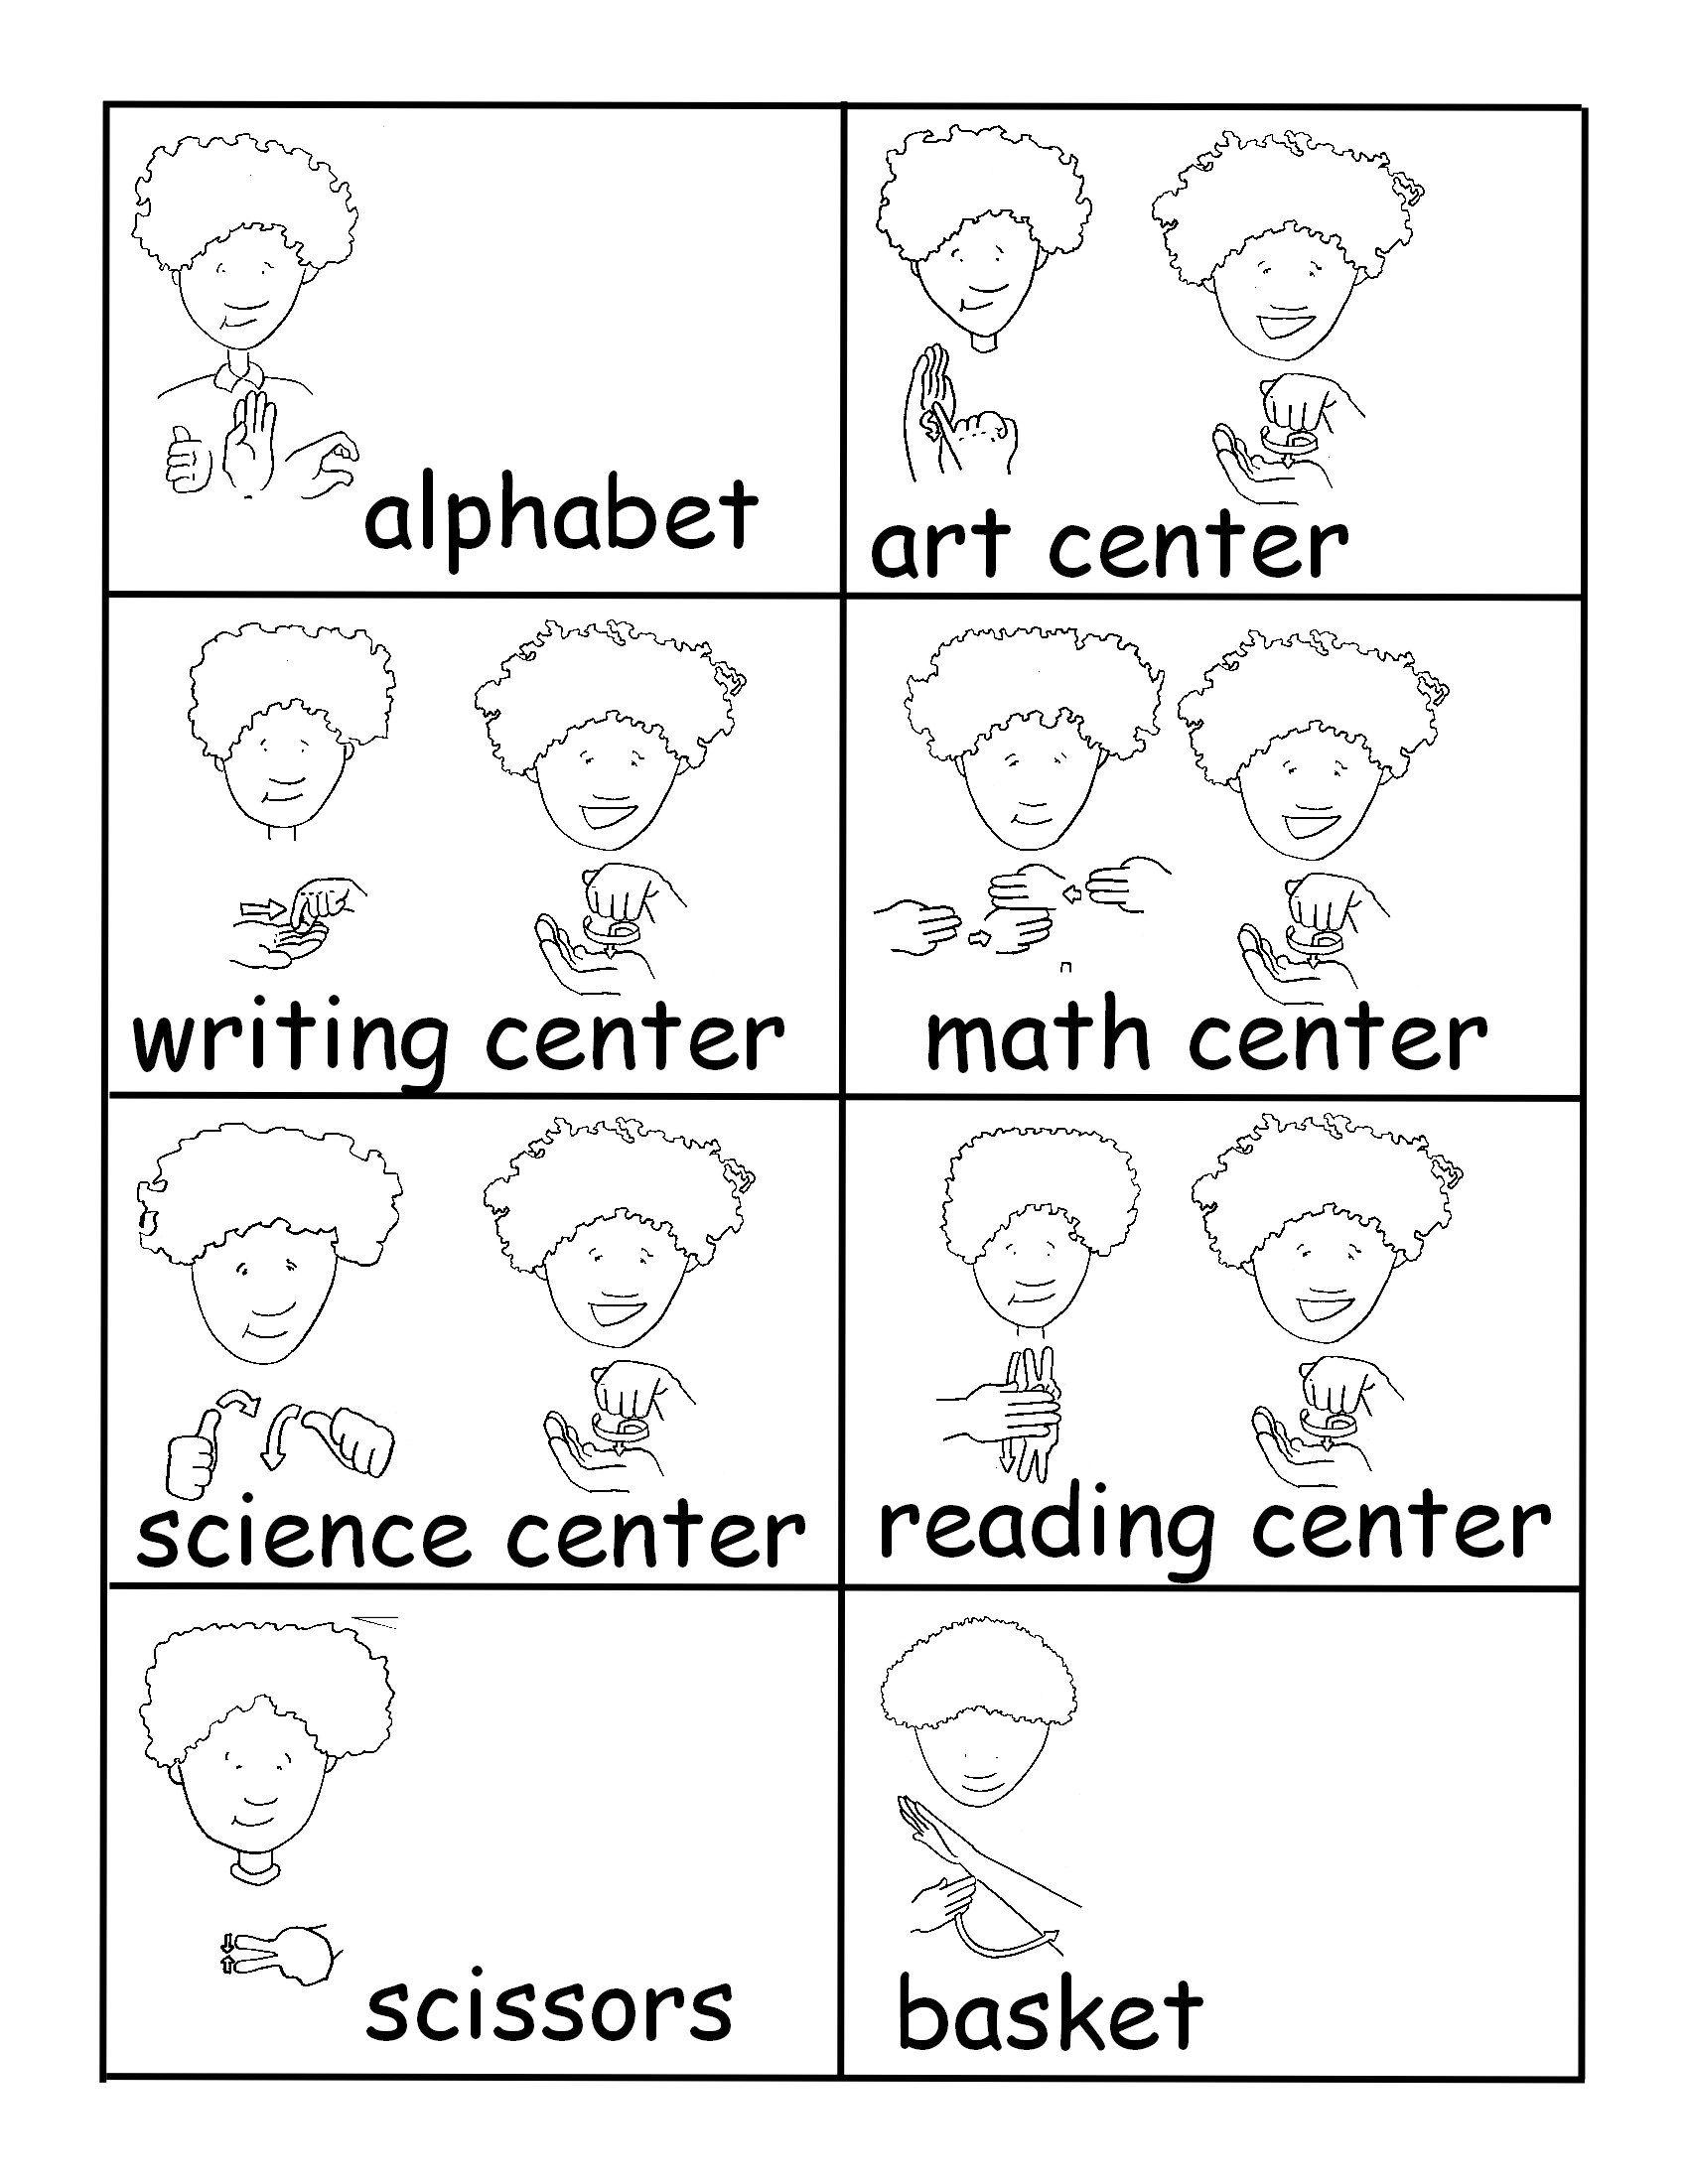 Asl Room Labels For School Deafedhub Com Language Worksheets Sign Language For Kids Kindergarten Worksheets Printable Kindergartenworksheets asl coloring pages i